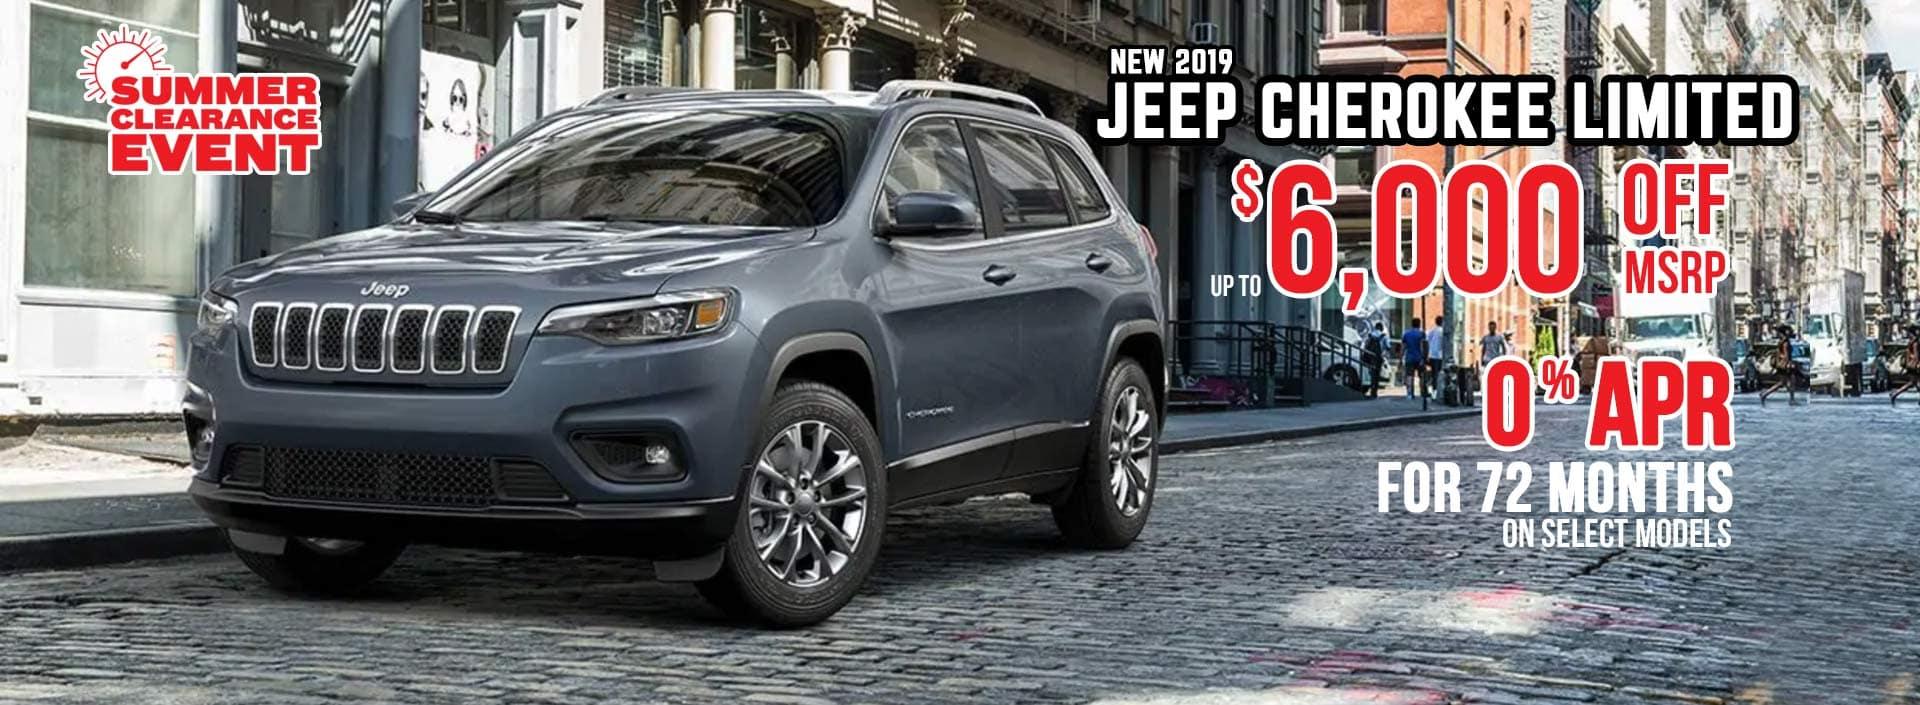 Jeep Cherokee Sale